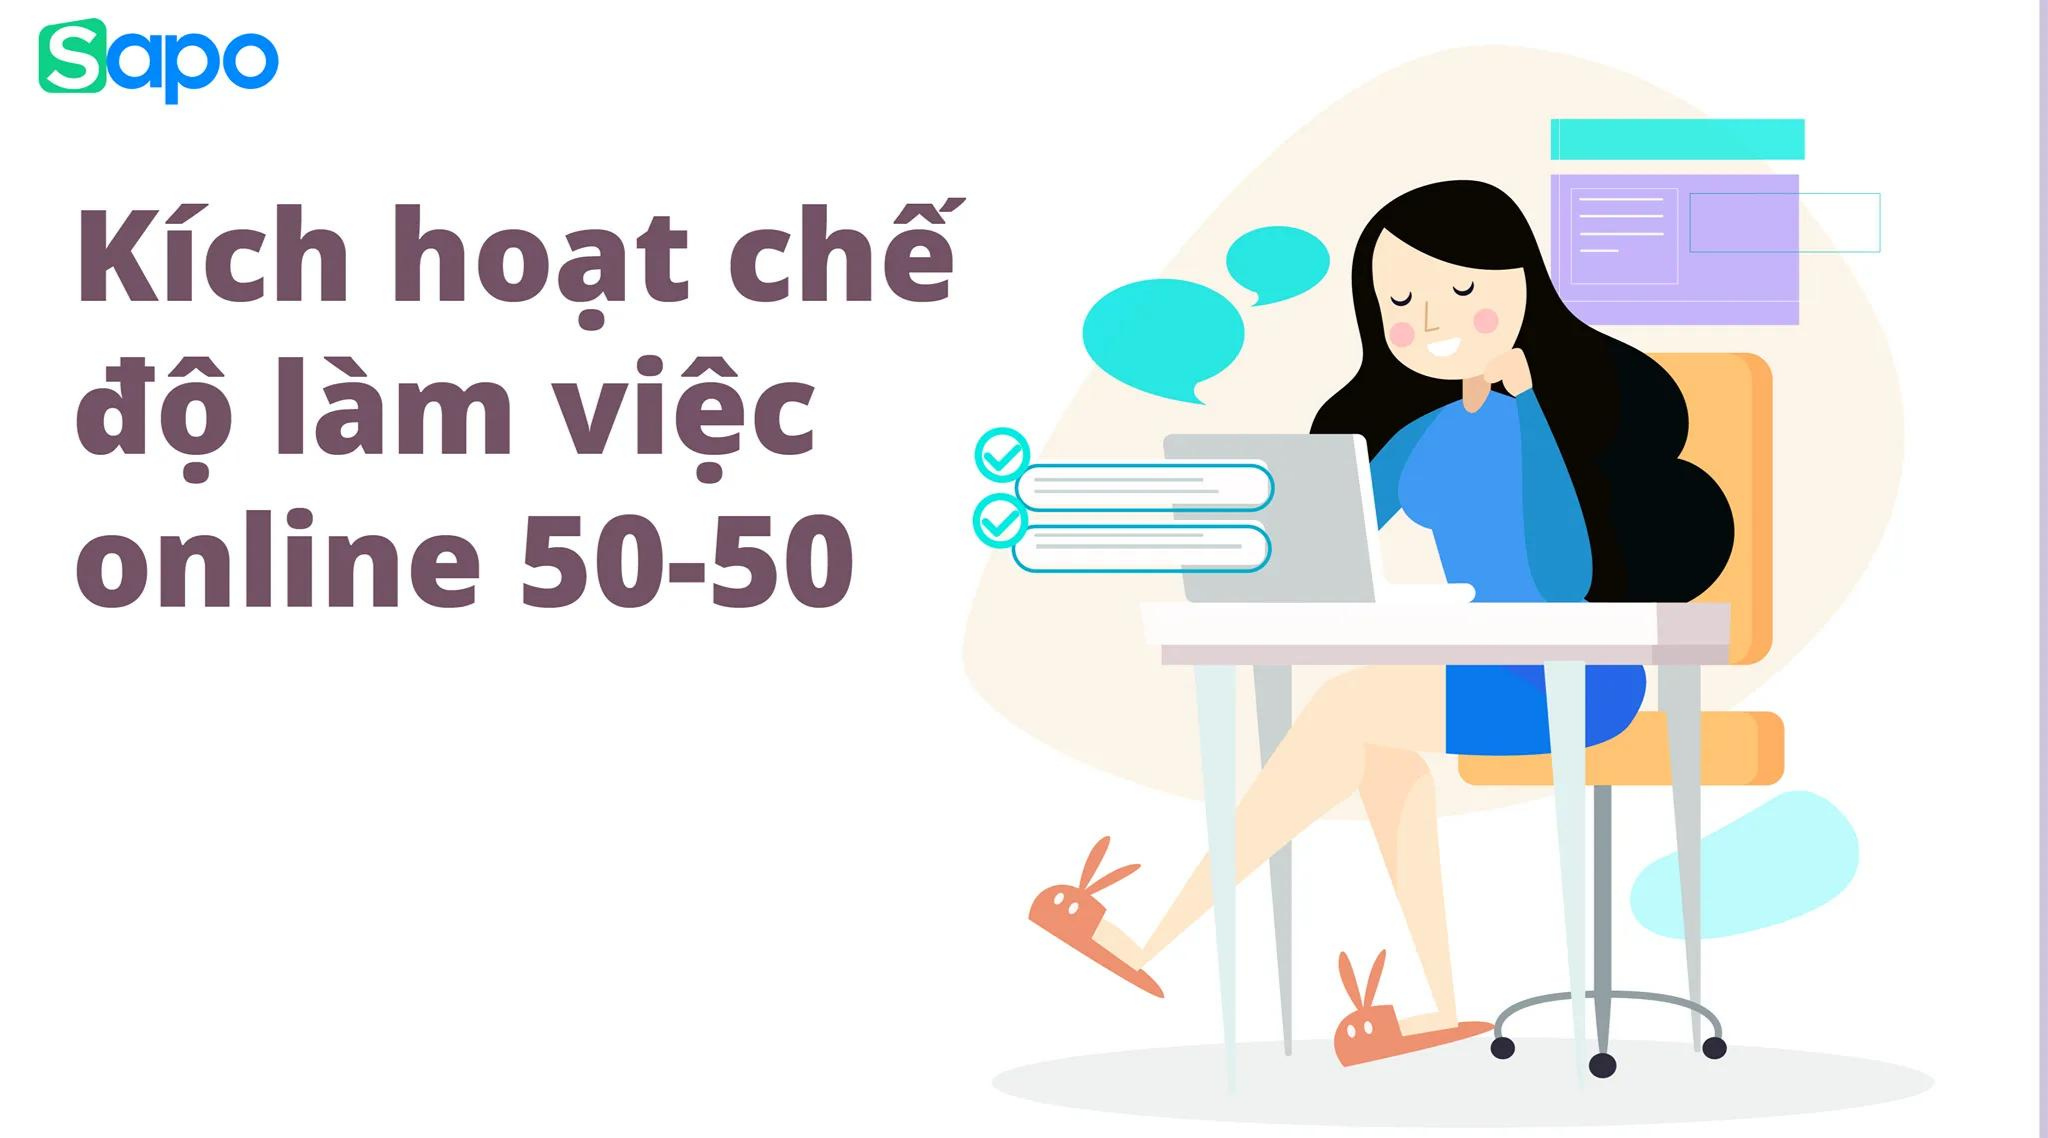 Kích hoạt chế độ làm việc online 50-50